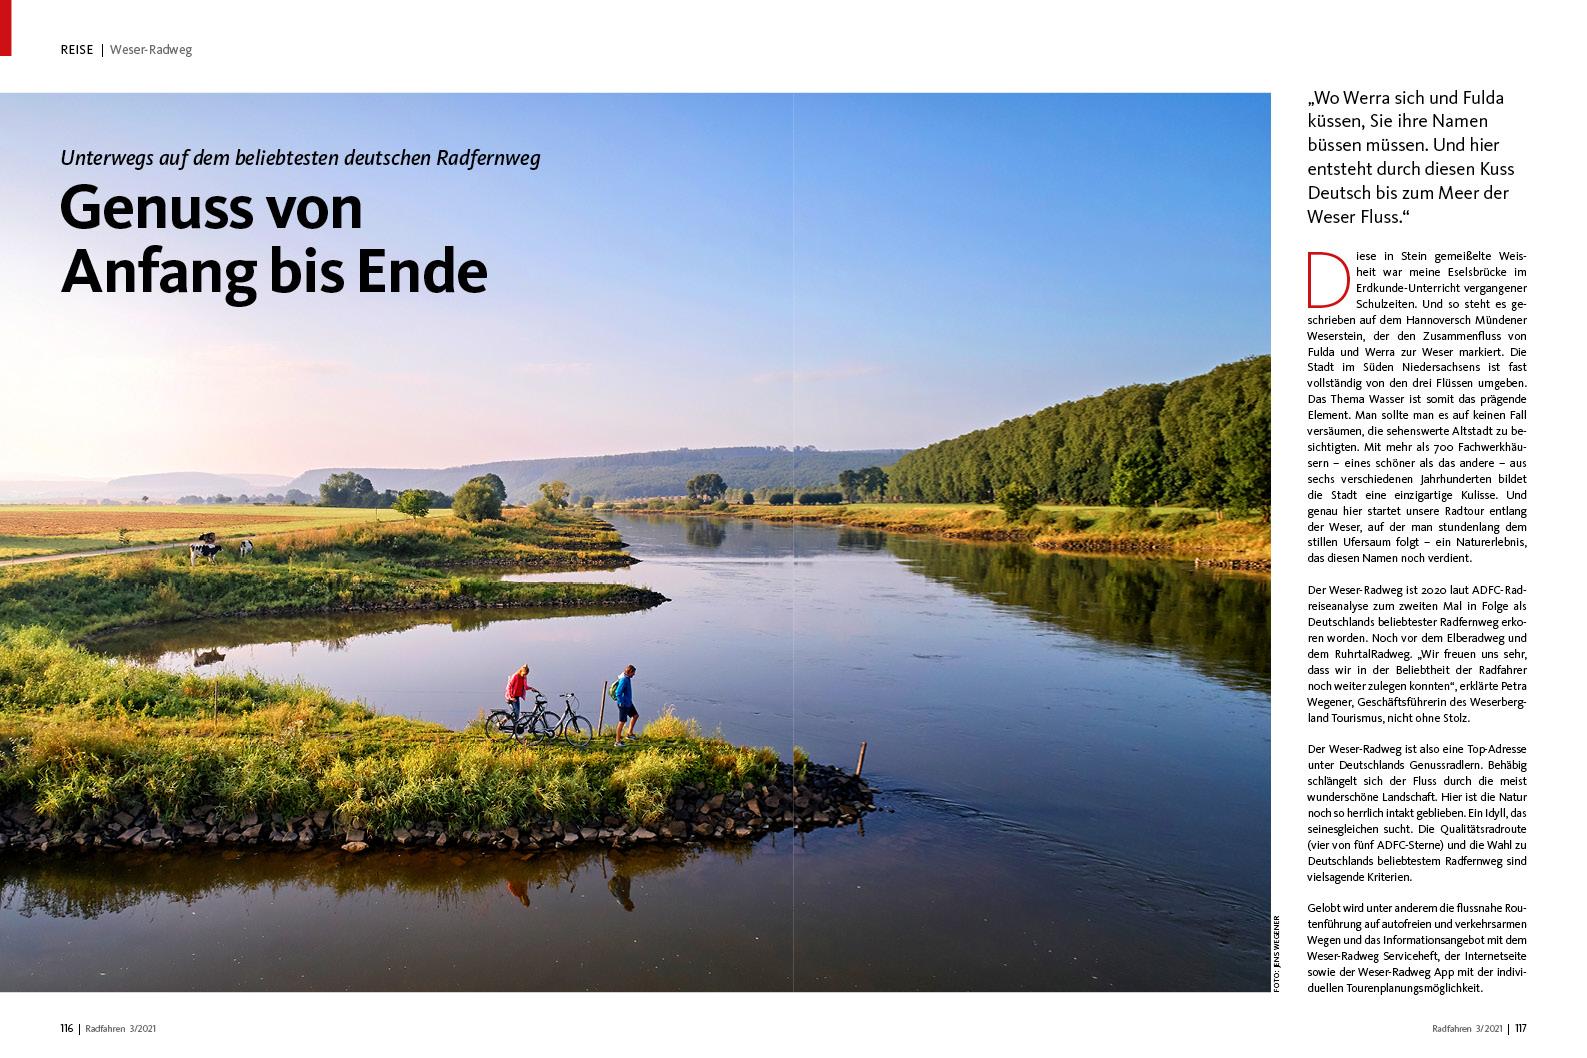 ...bis zum Meer: Der Weser-Radweg